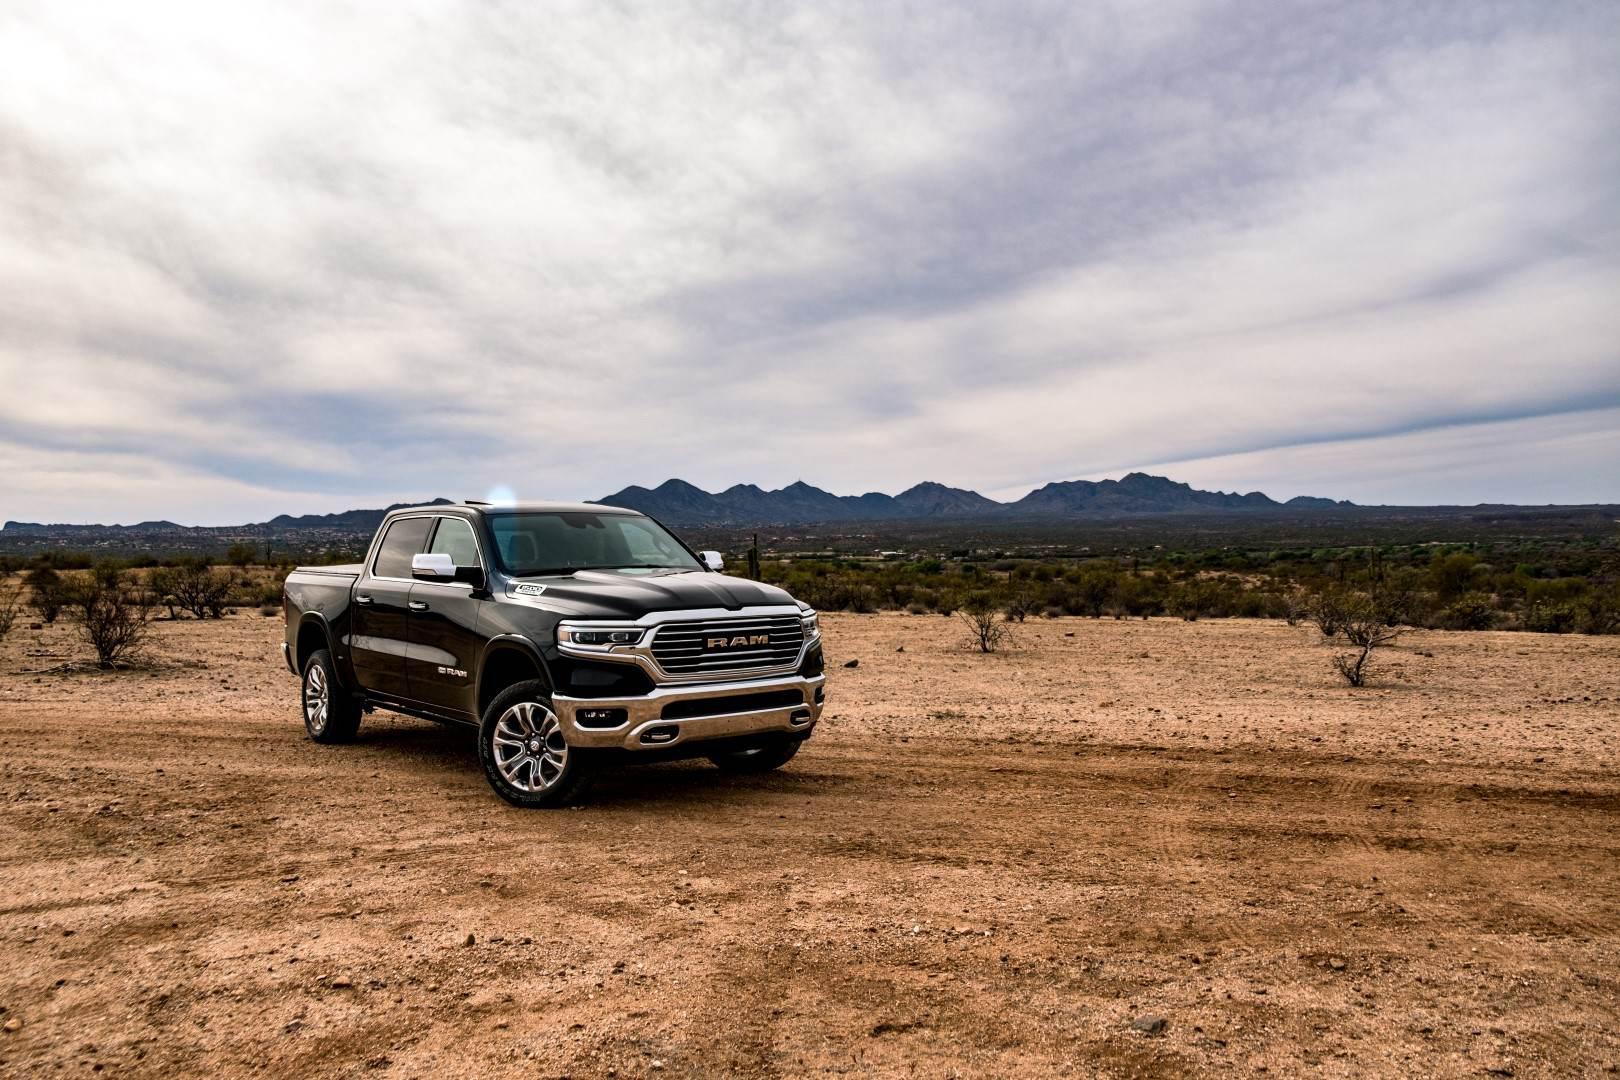 Test drive: 2019 Ram 1500 a luxurious reimagining of a ...